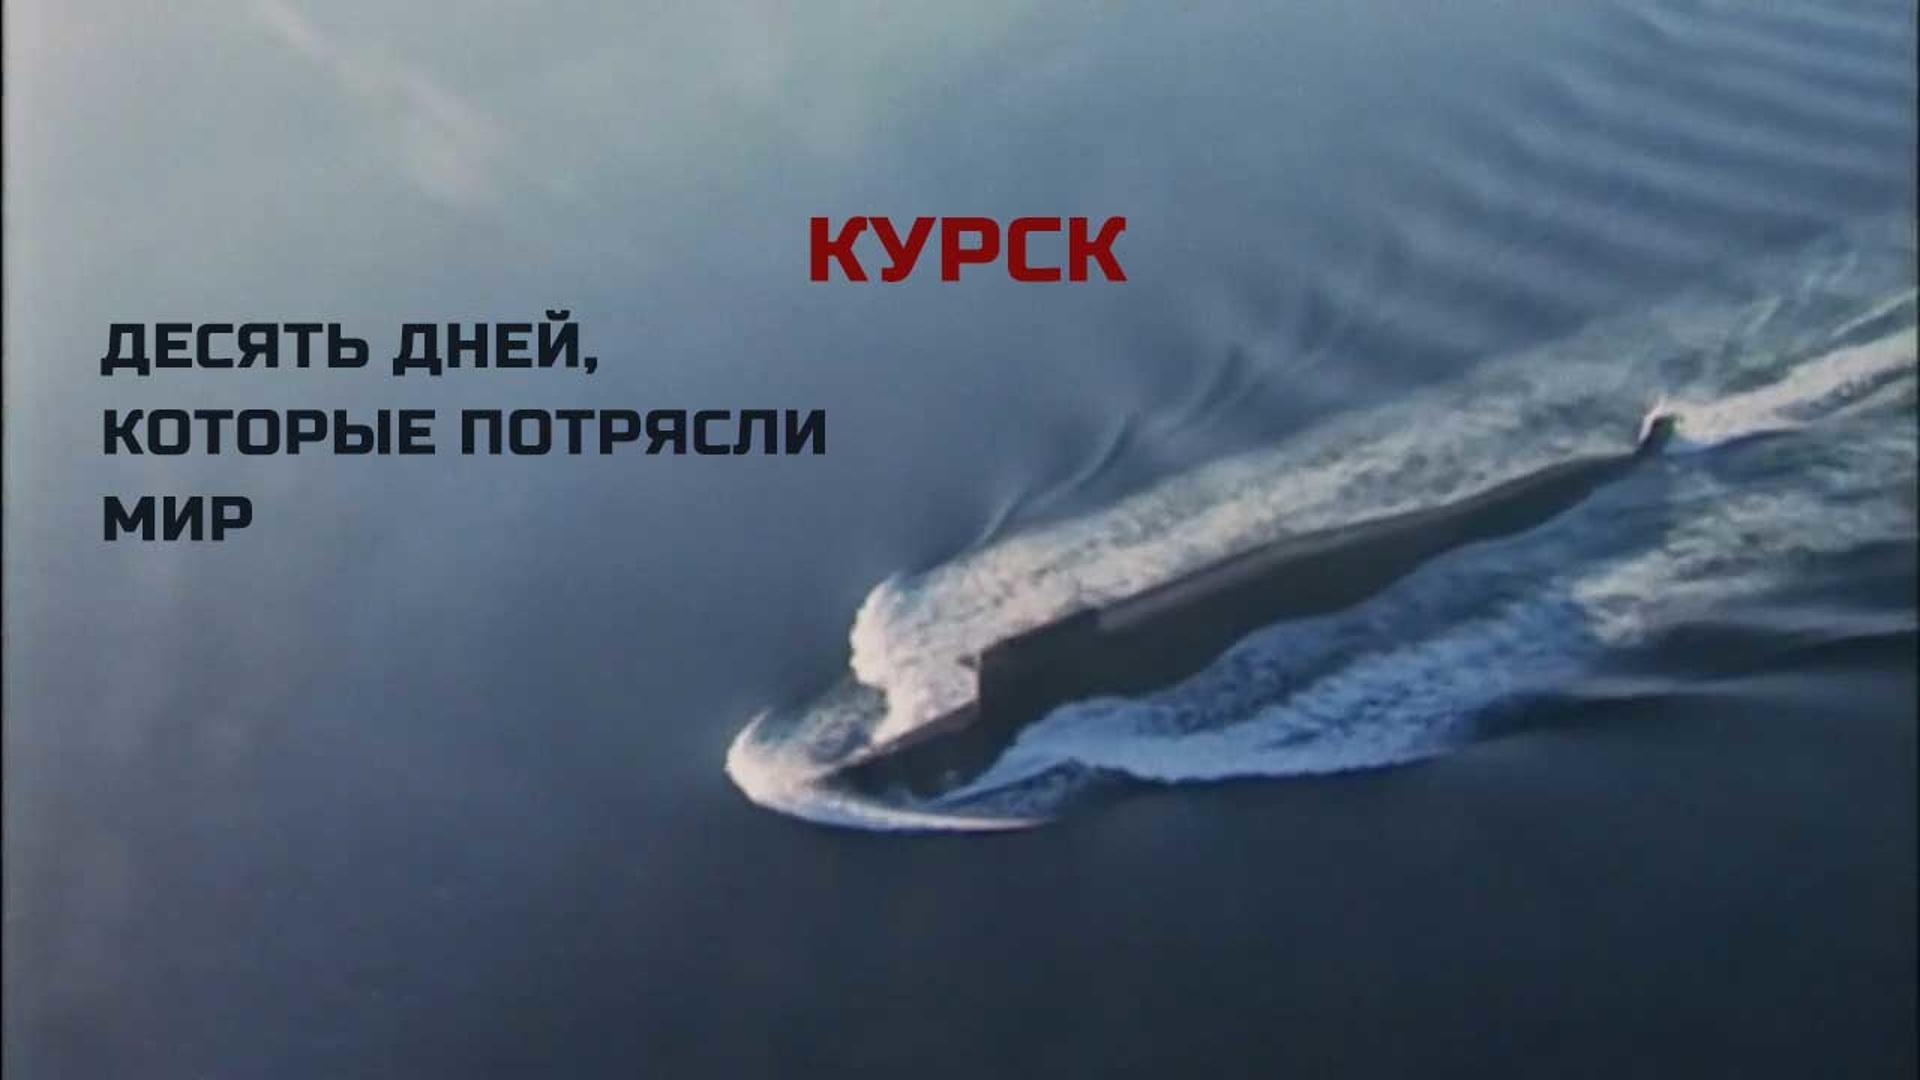 Курск. Десять дней, которые потрясли мир